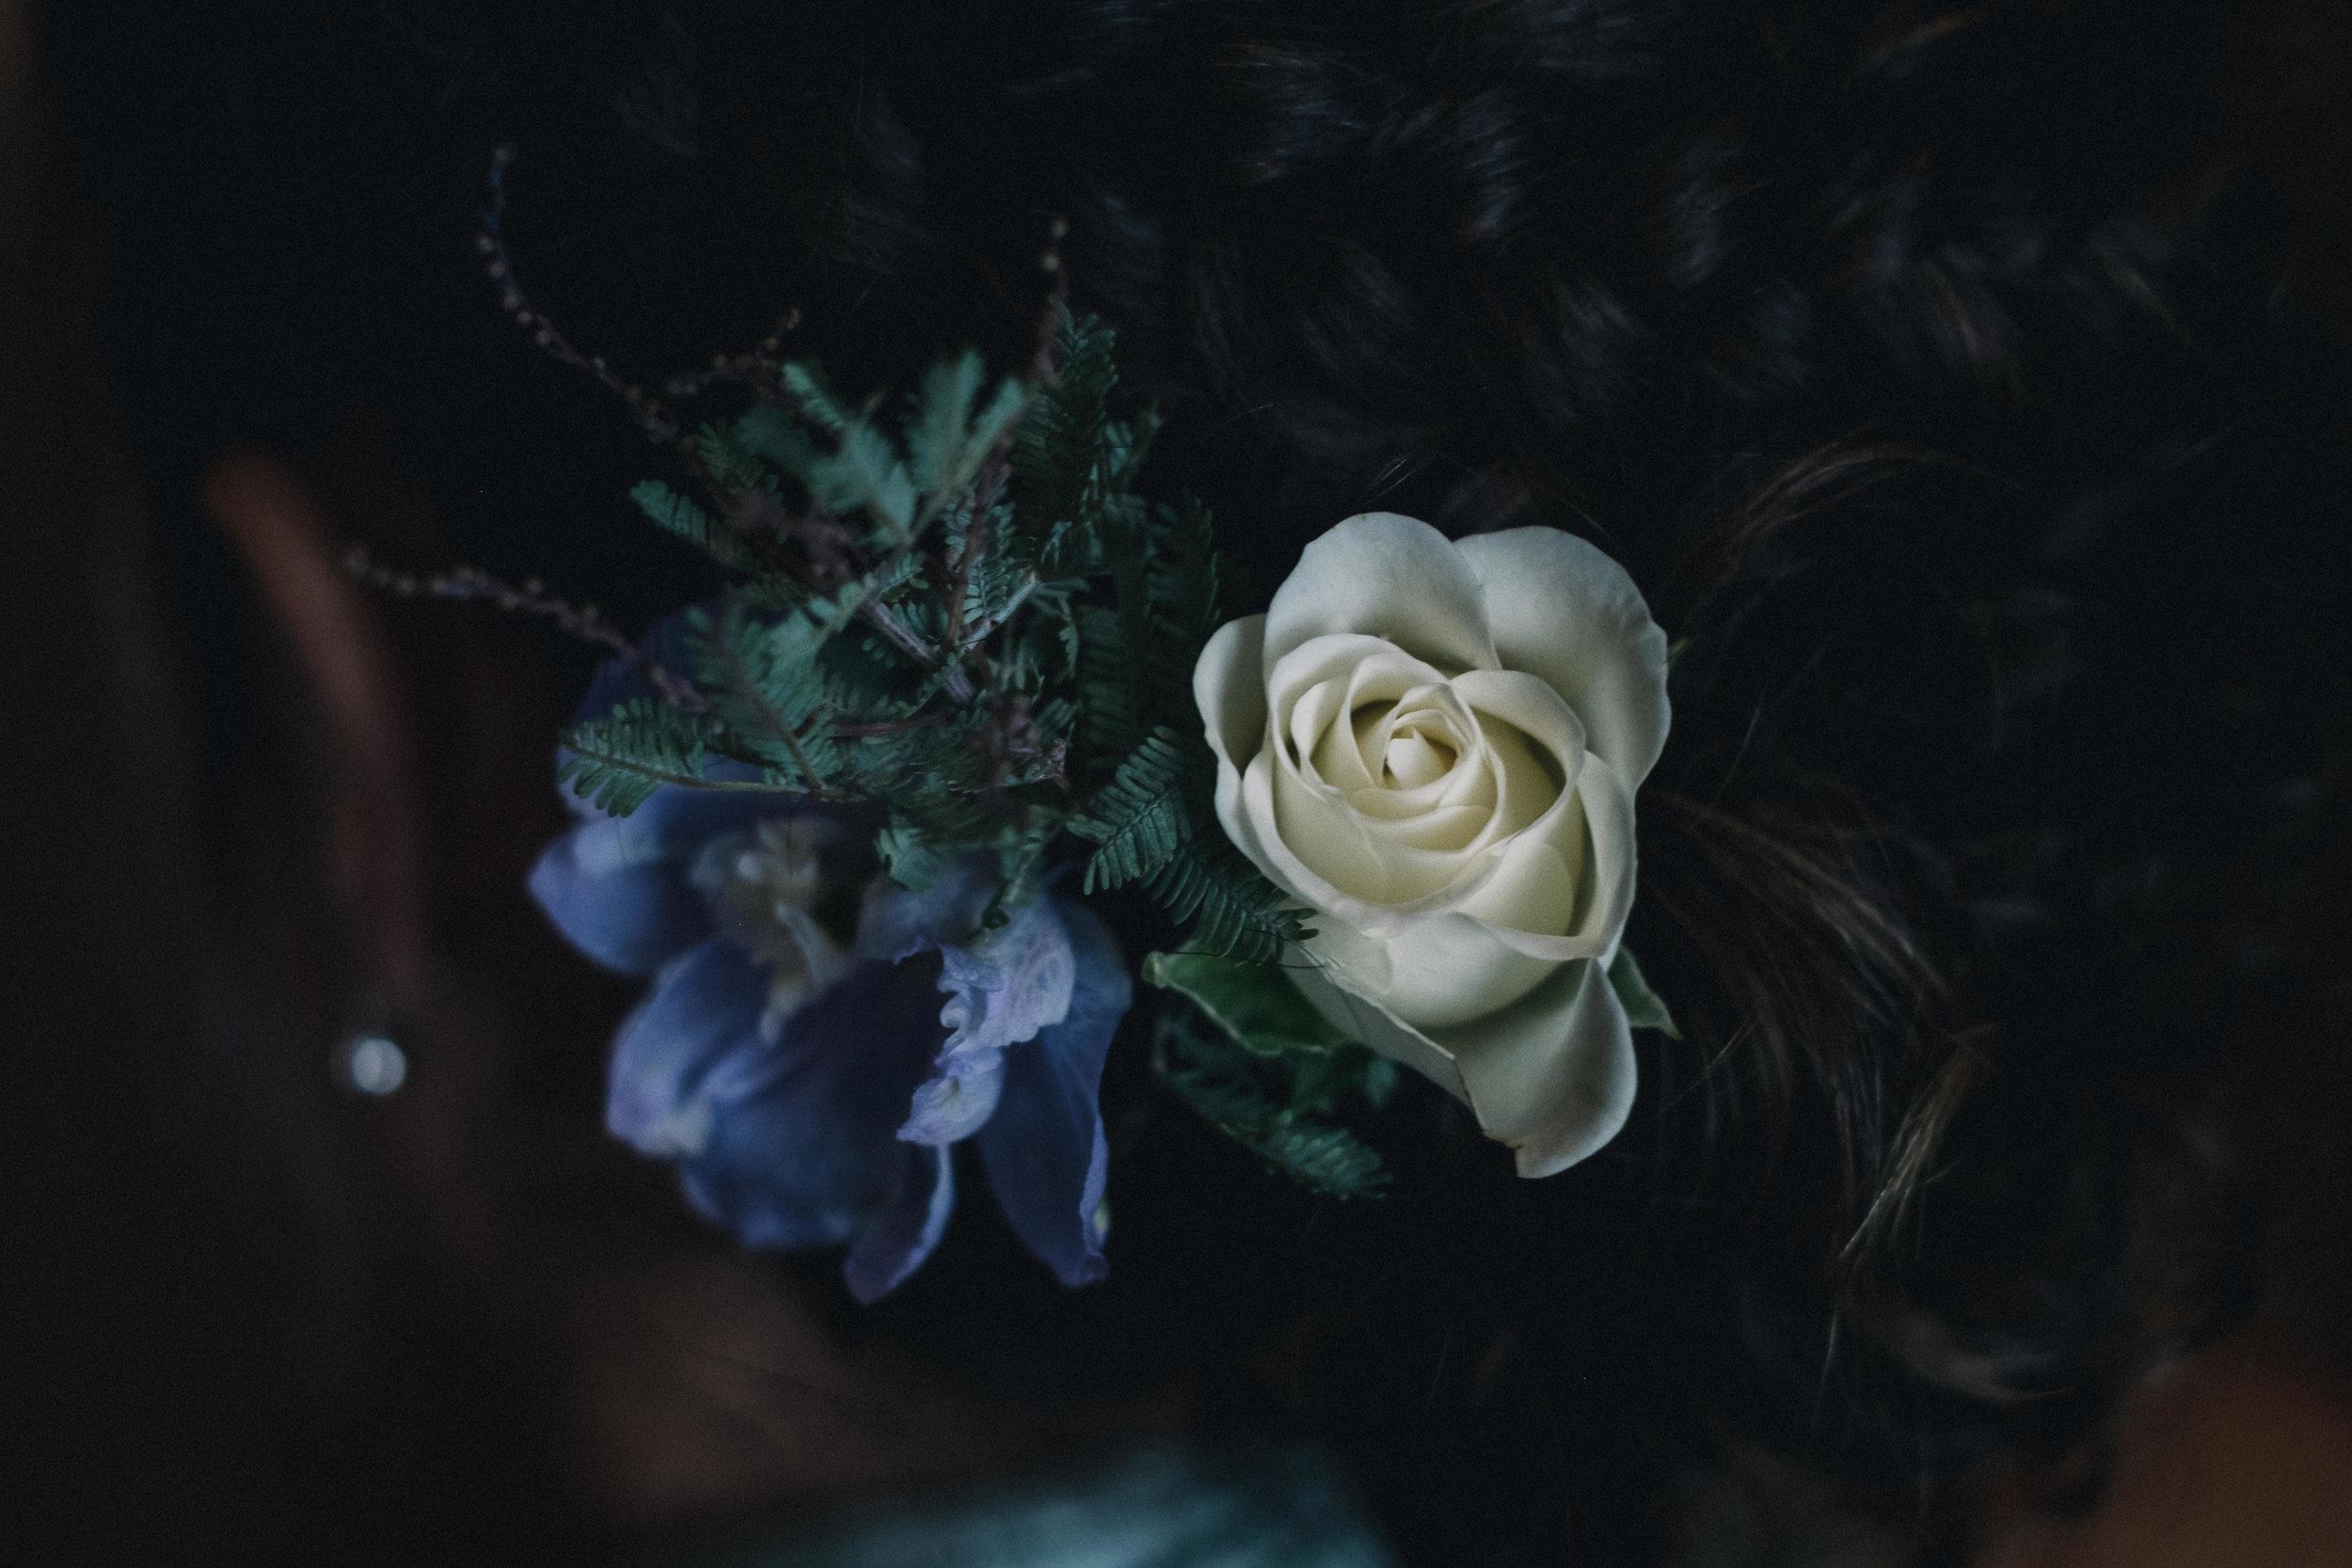 Flowers headpiece in bridesmaid's hair